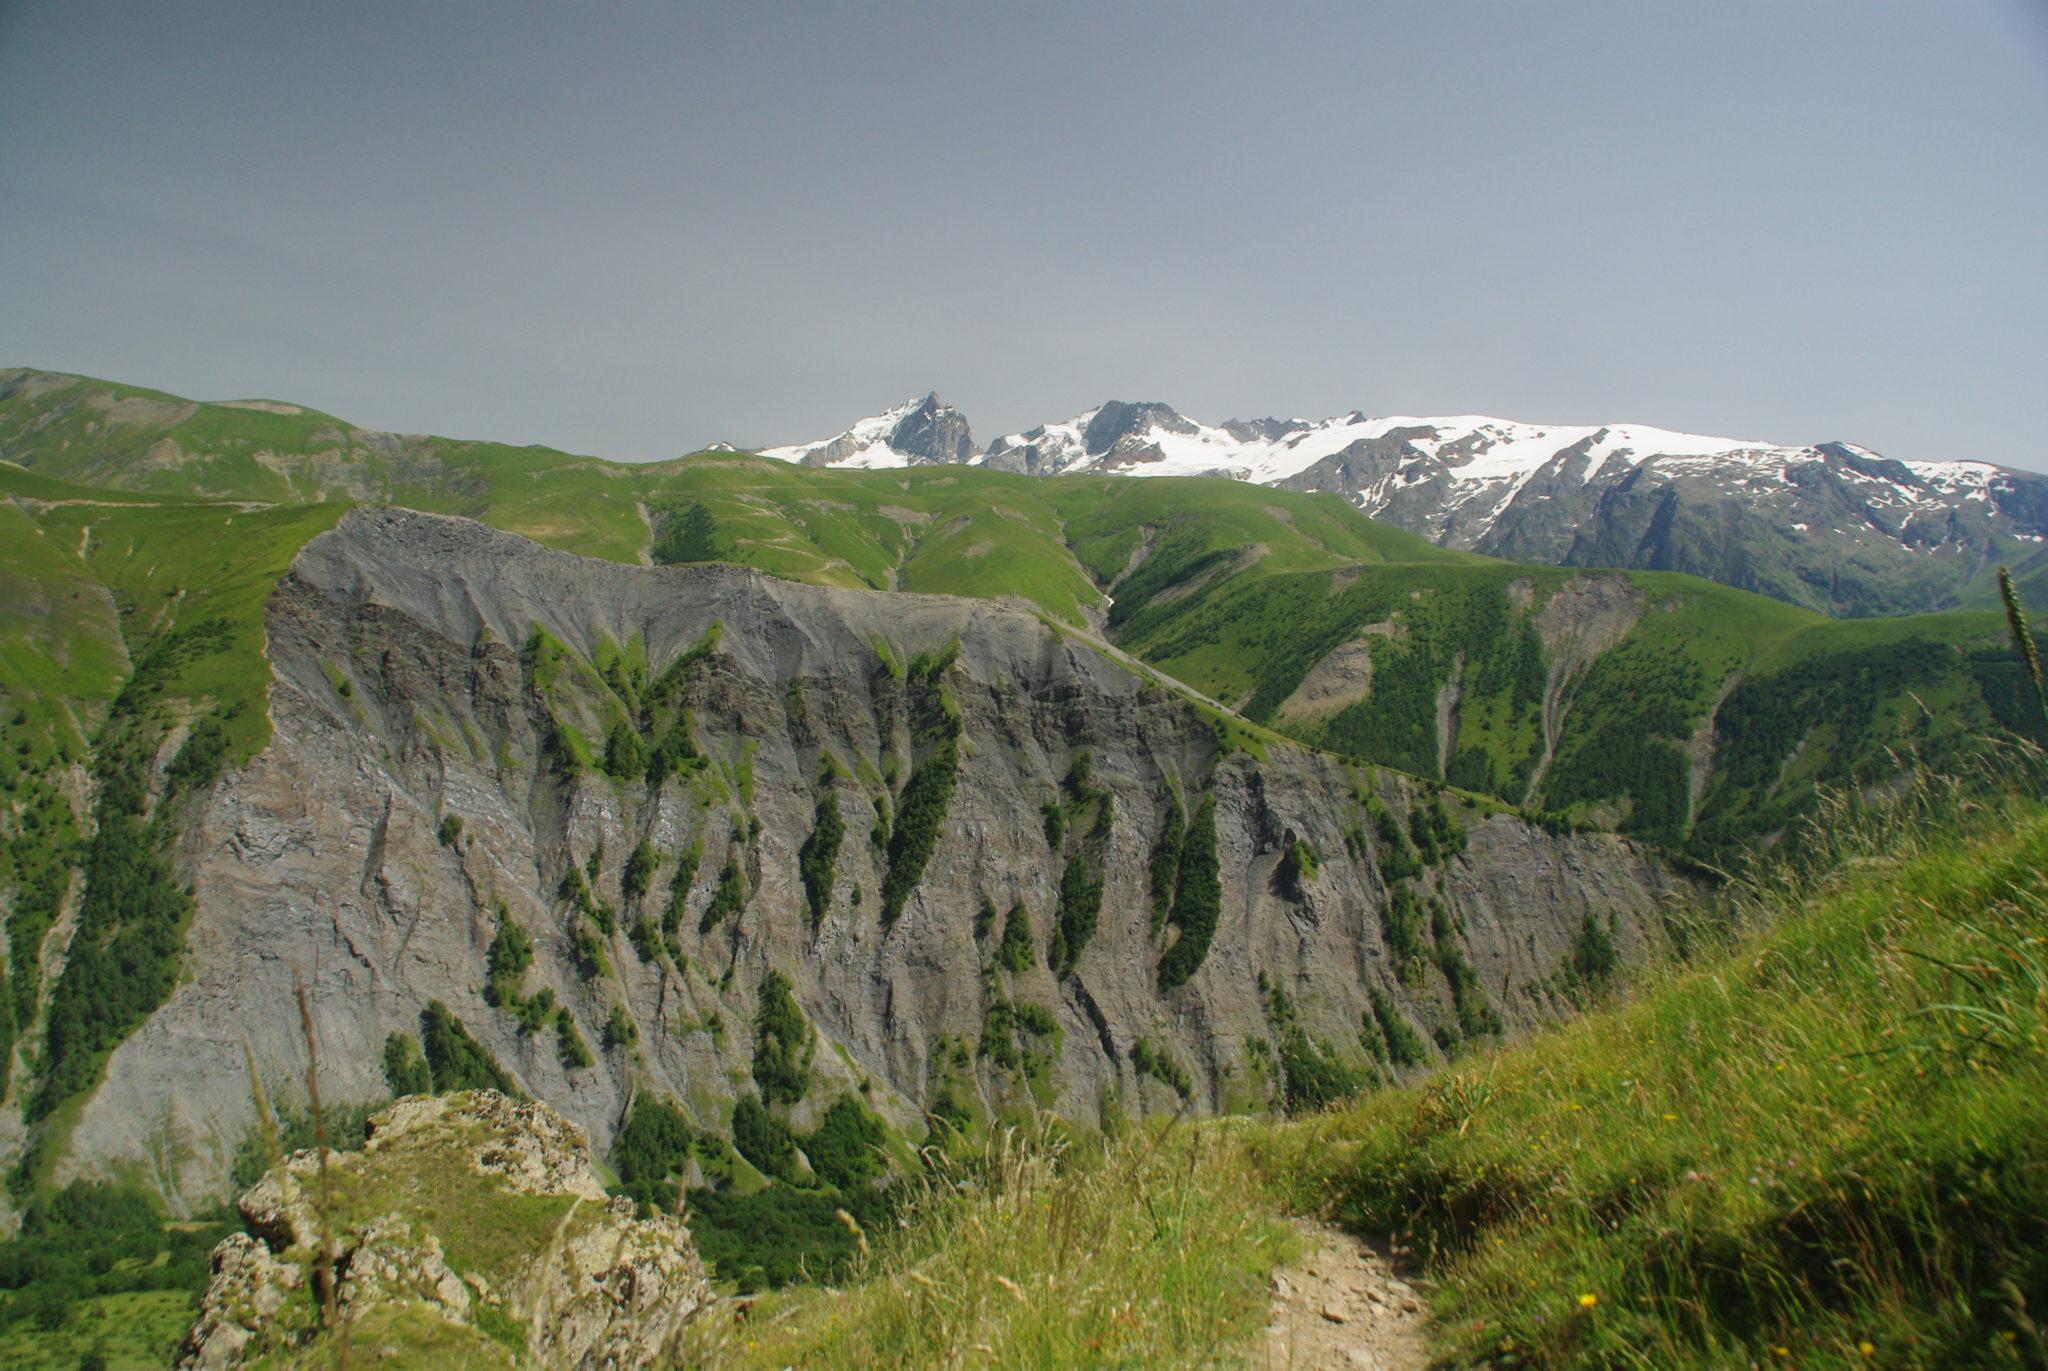 vue sur le montagnes des alpes